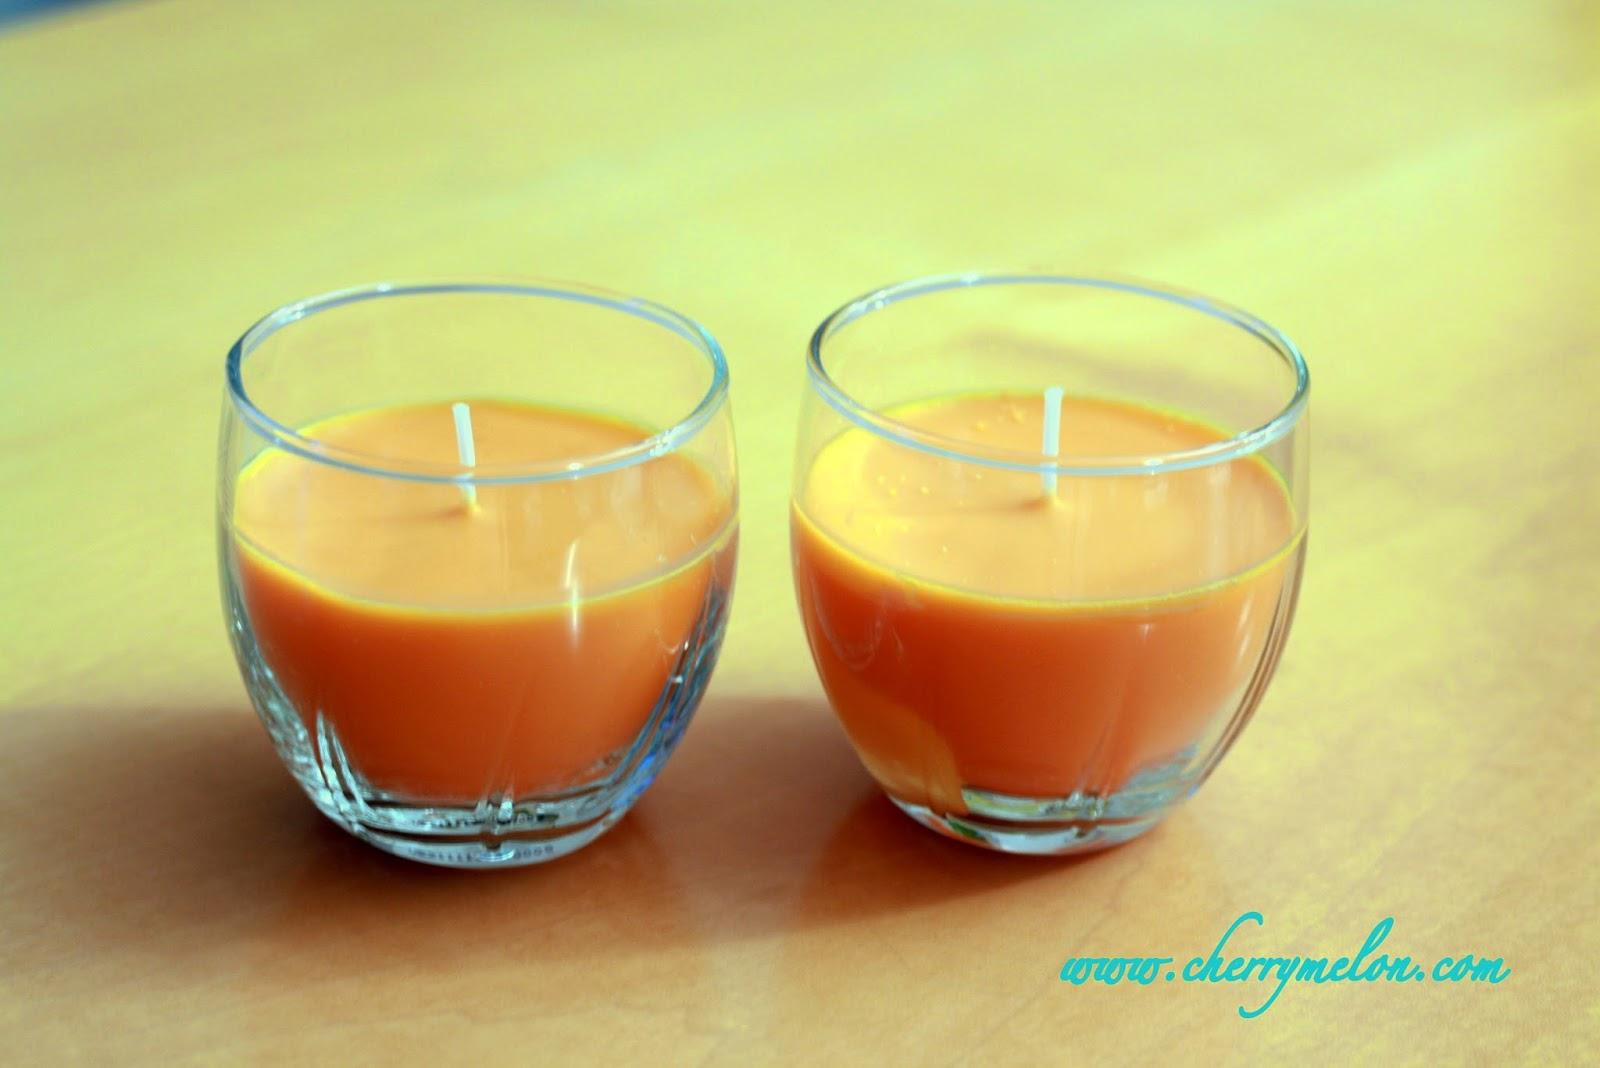 El blog de cherrymelon evitar y eliminar el olor a tabaco - Como quitar el olor a tabaco en casa ...